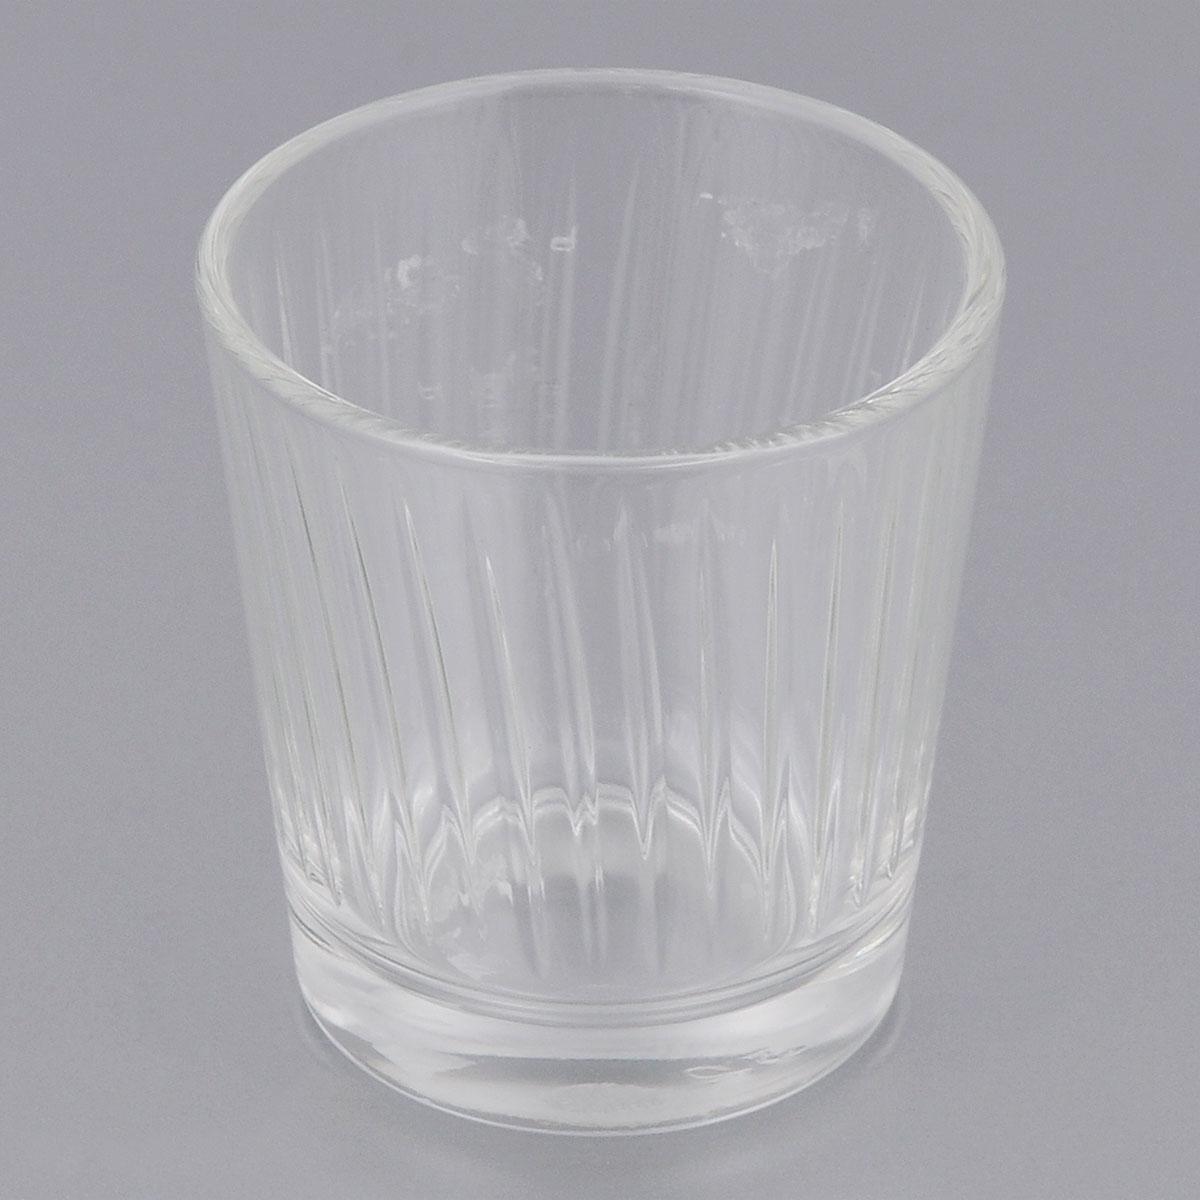 Стопка ОСЗ Тропик, 50 млJ2891Стопка ОСЗ Тропик, выполненная из прочного стекла, прекрасно подойдет для крепких спиртных напитков. Она ярко дополнит сервировку стола и порадует вас практичностью и оригинальным дизайном. Диаметр стопки: 5 см. Высота стопки: 5,5 см.